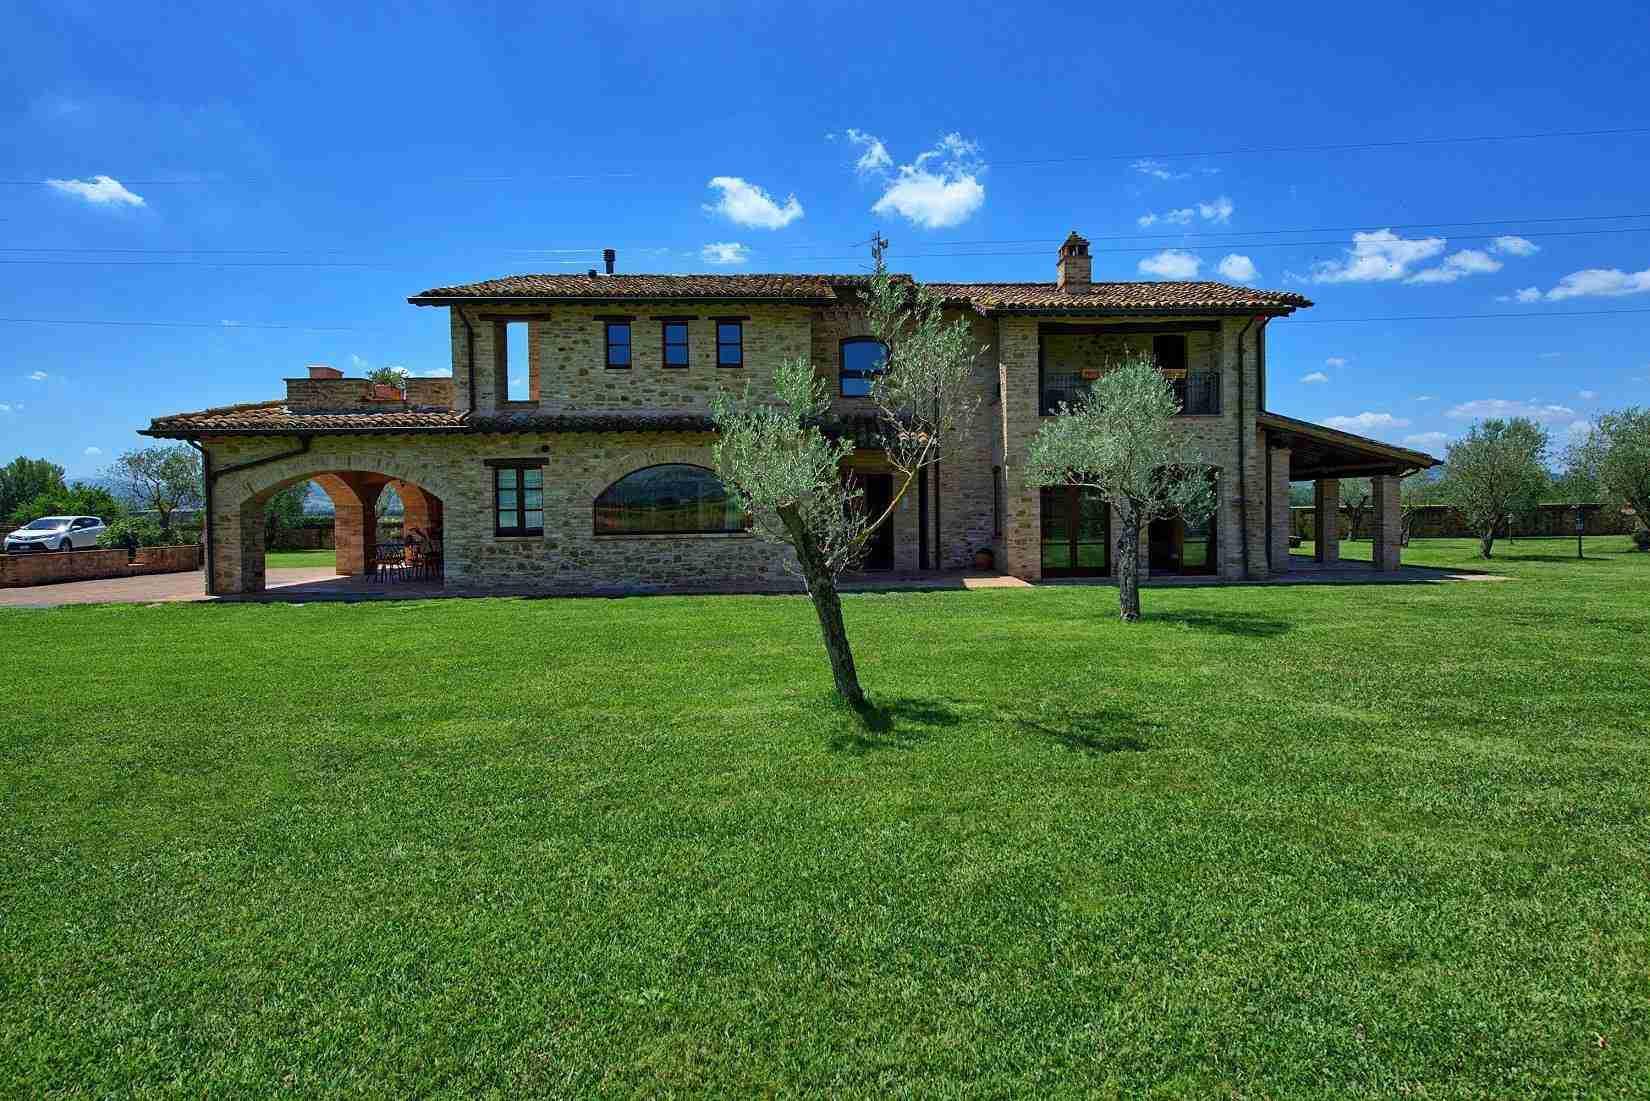 4 Assisi facade